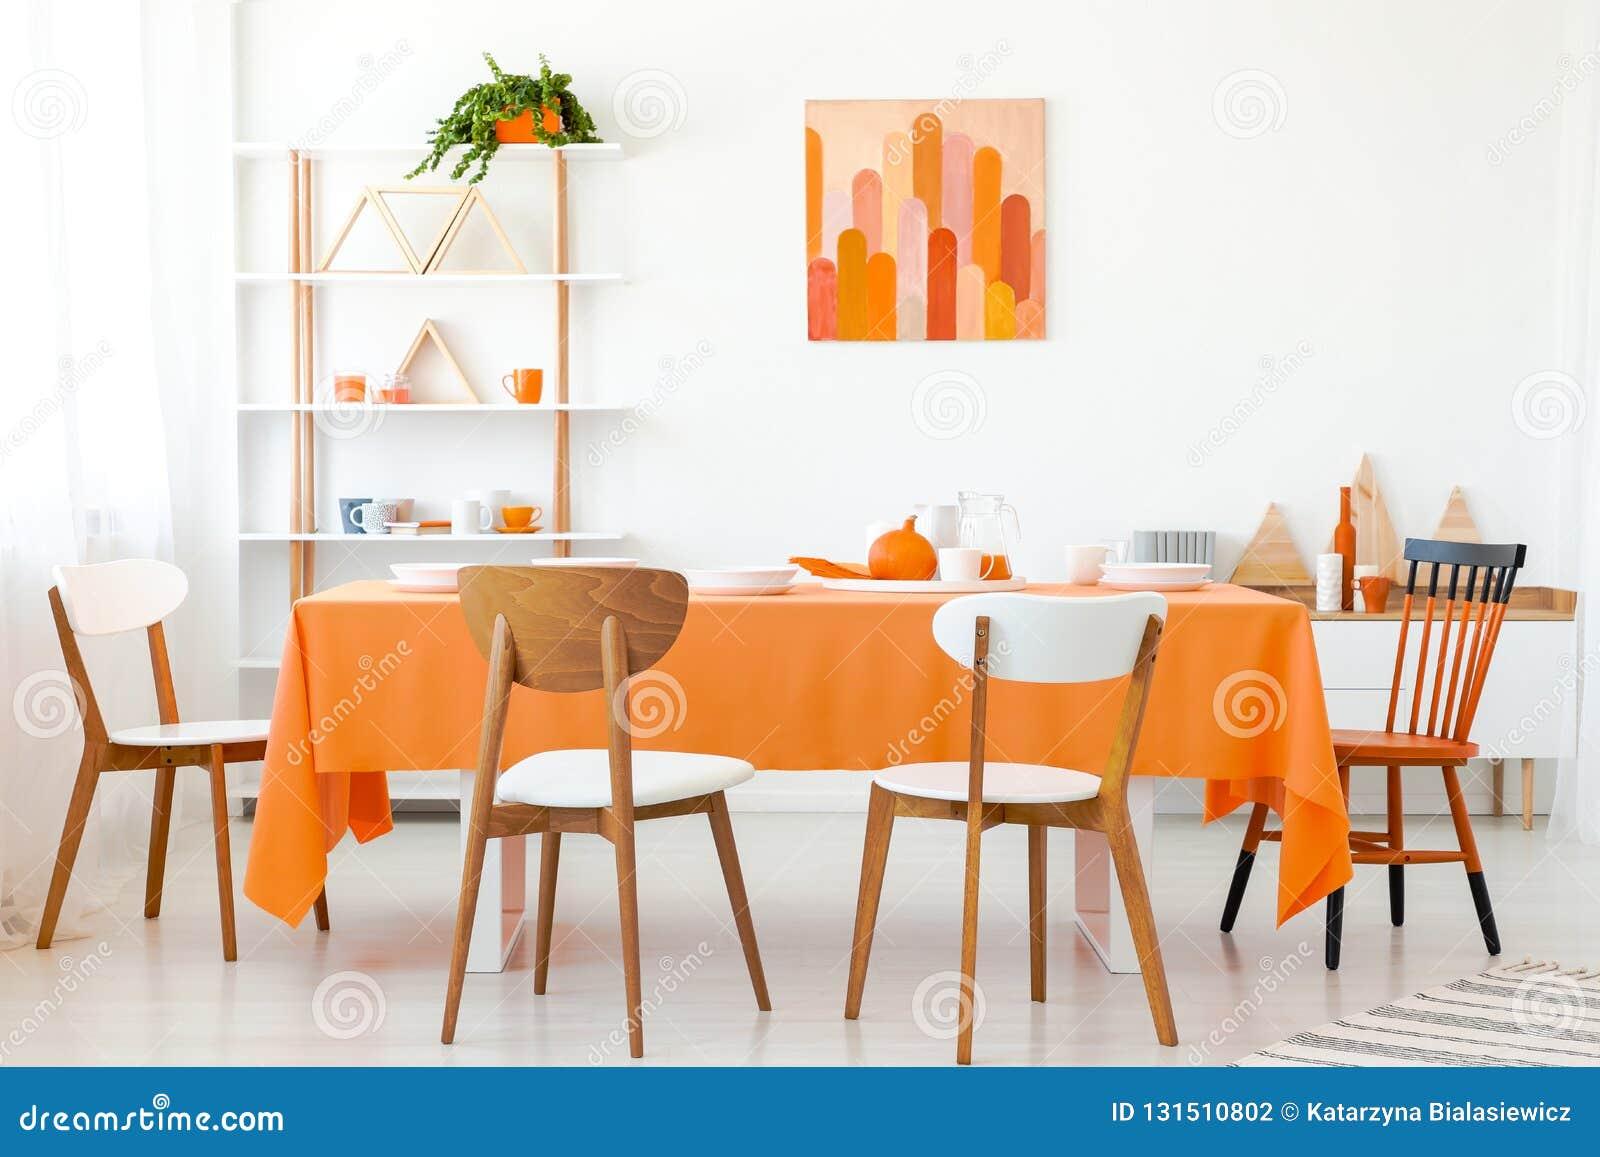 Chaises En Bois A La Table Orange Dans La Salle A Manger Blanche